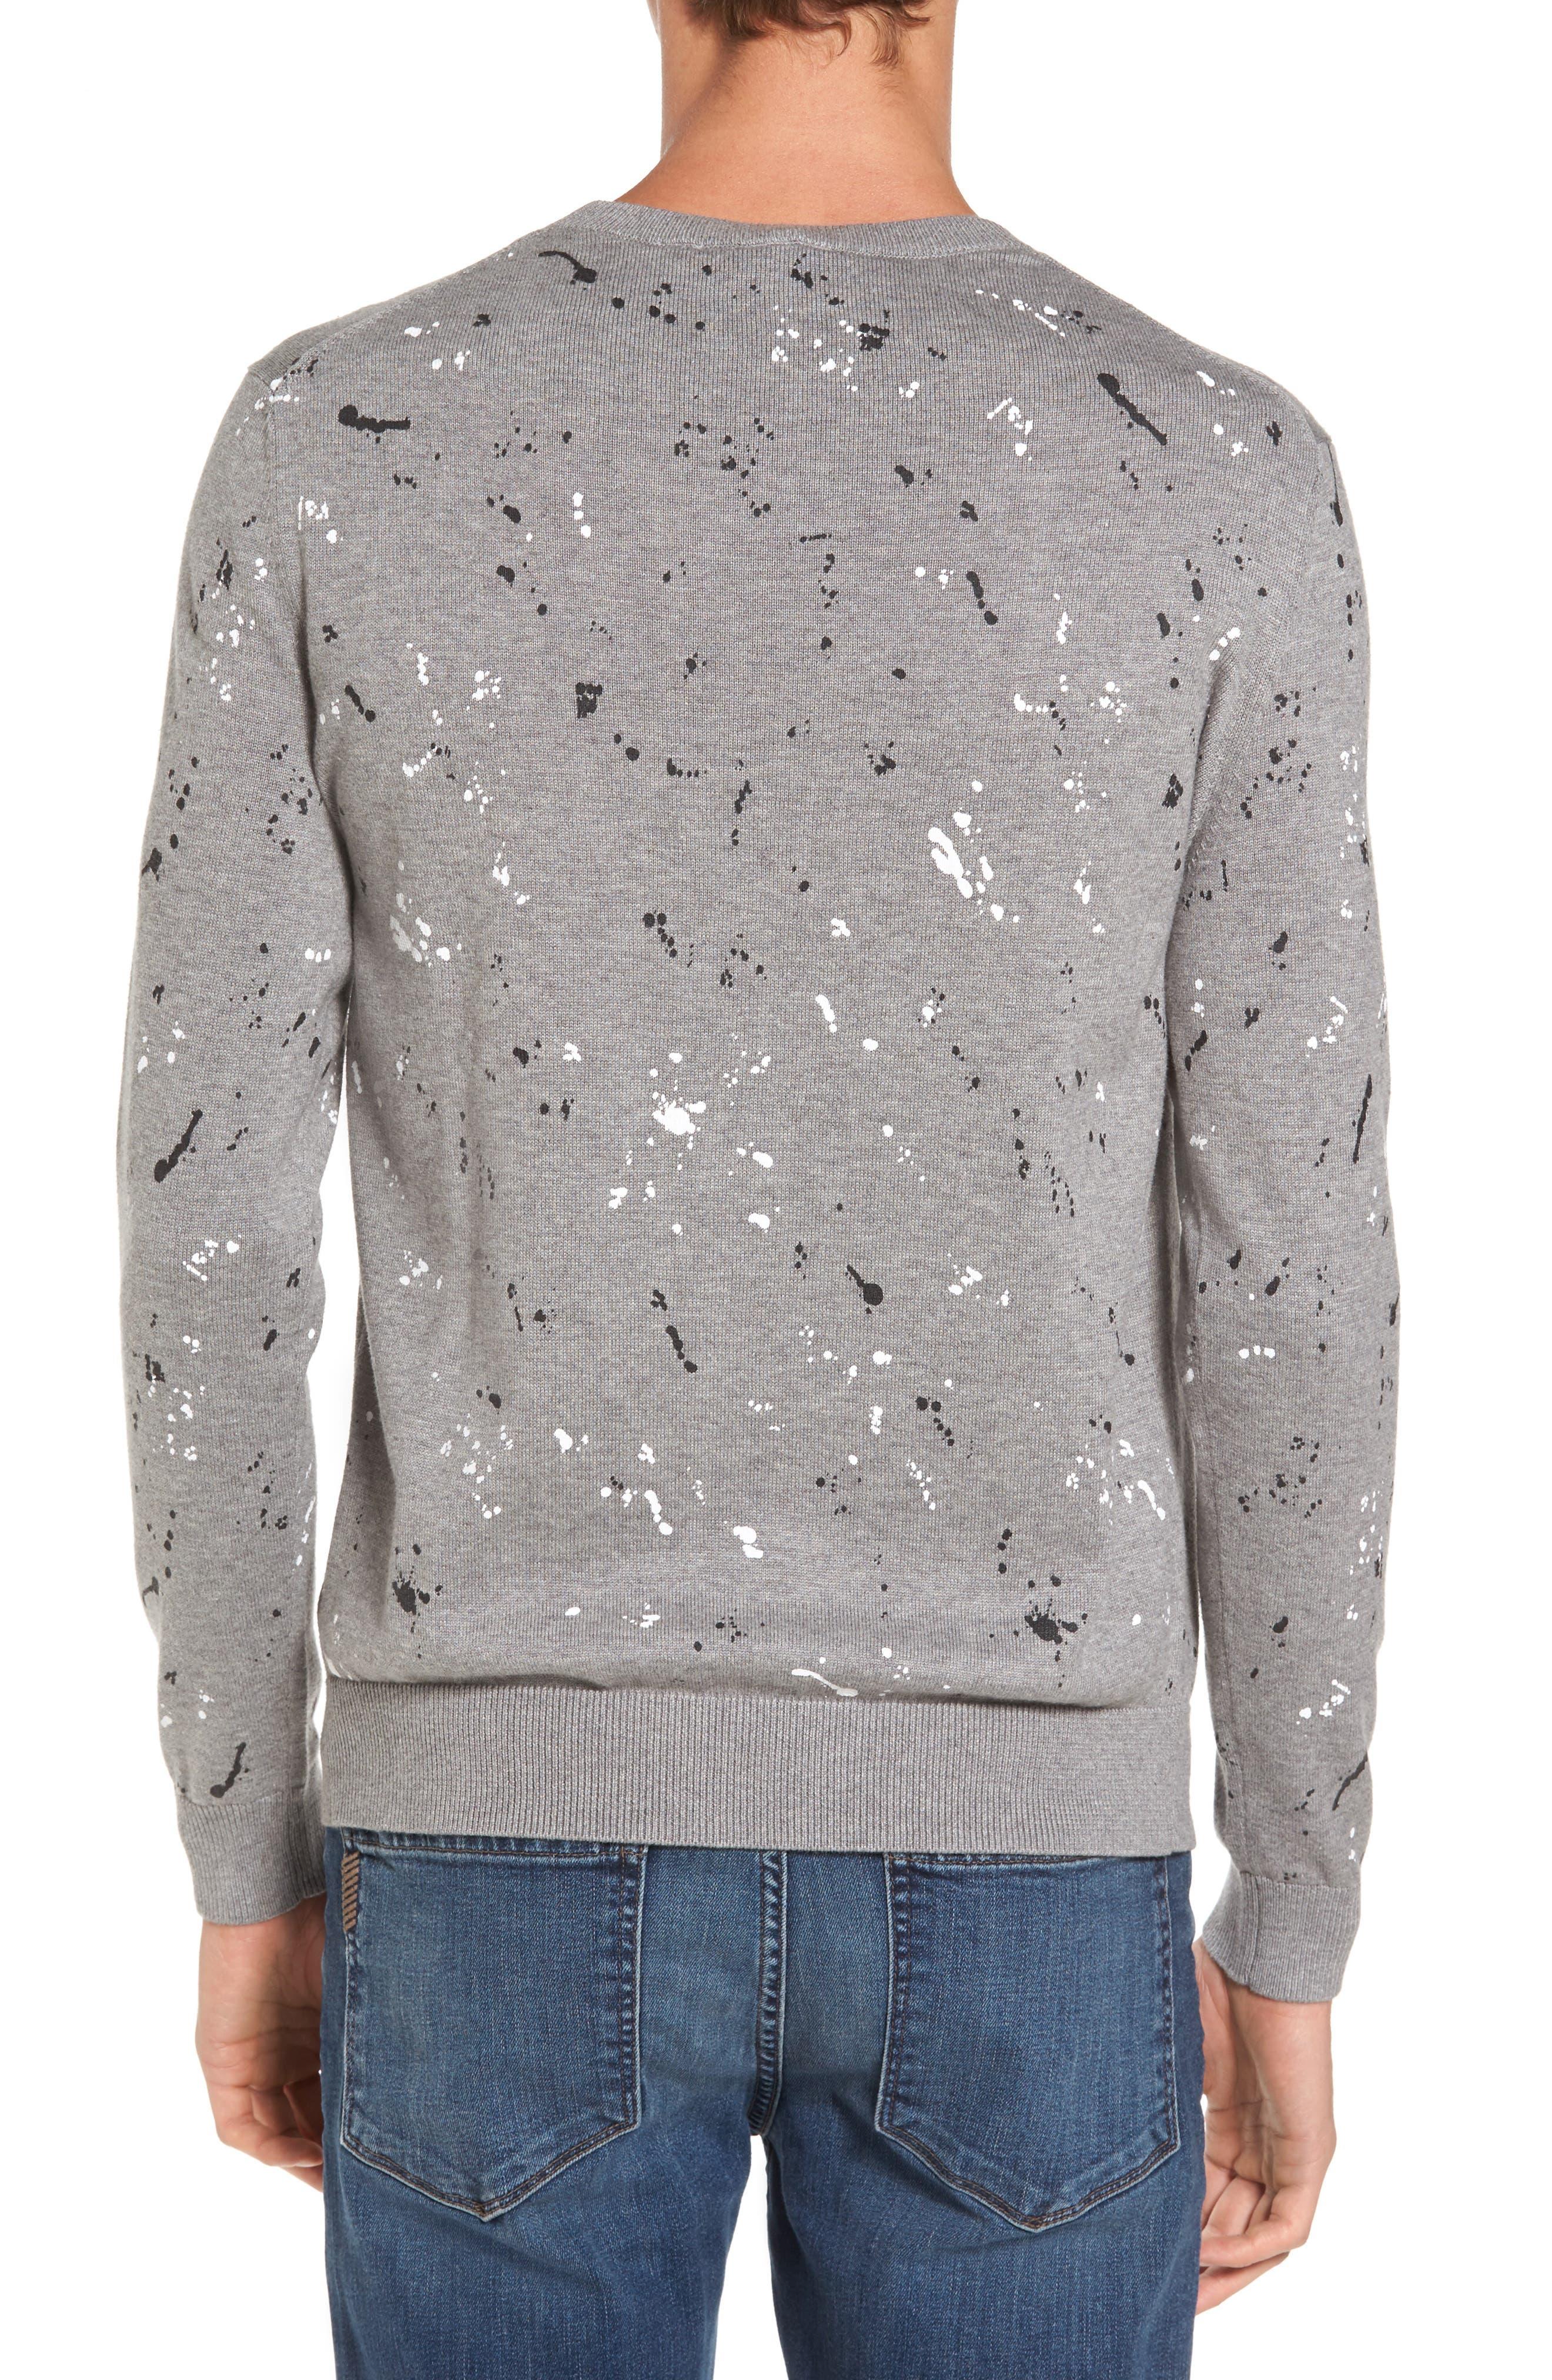 Splatter Sweater,                             Alternate thumbnail 2, color,                             062